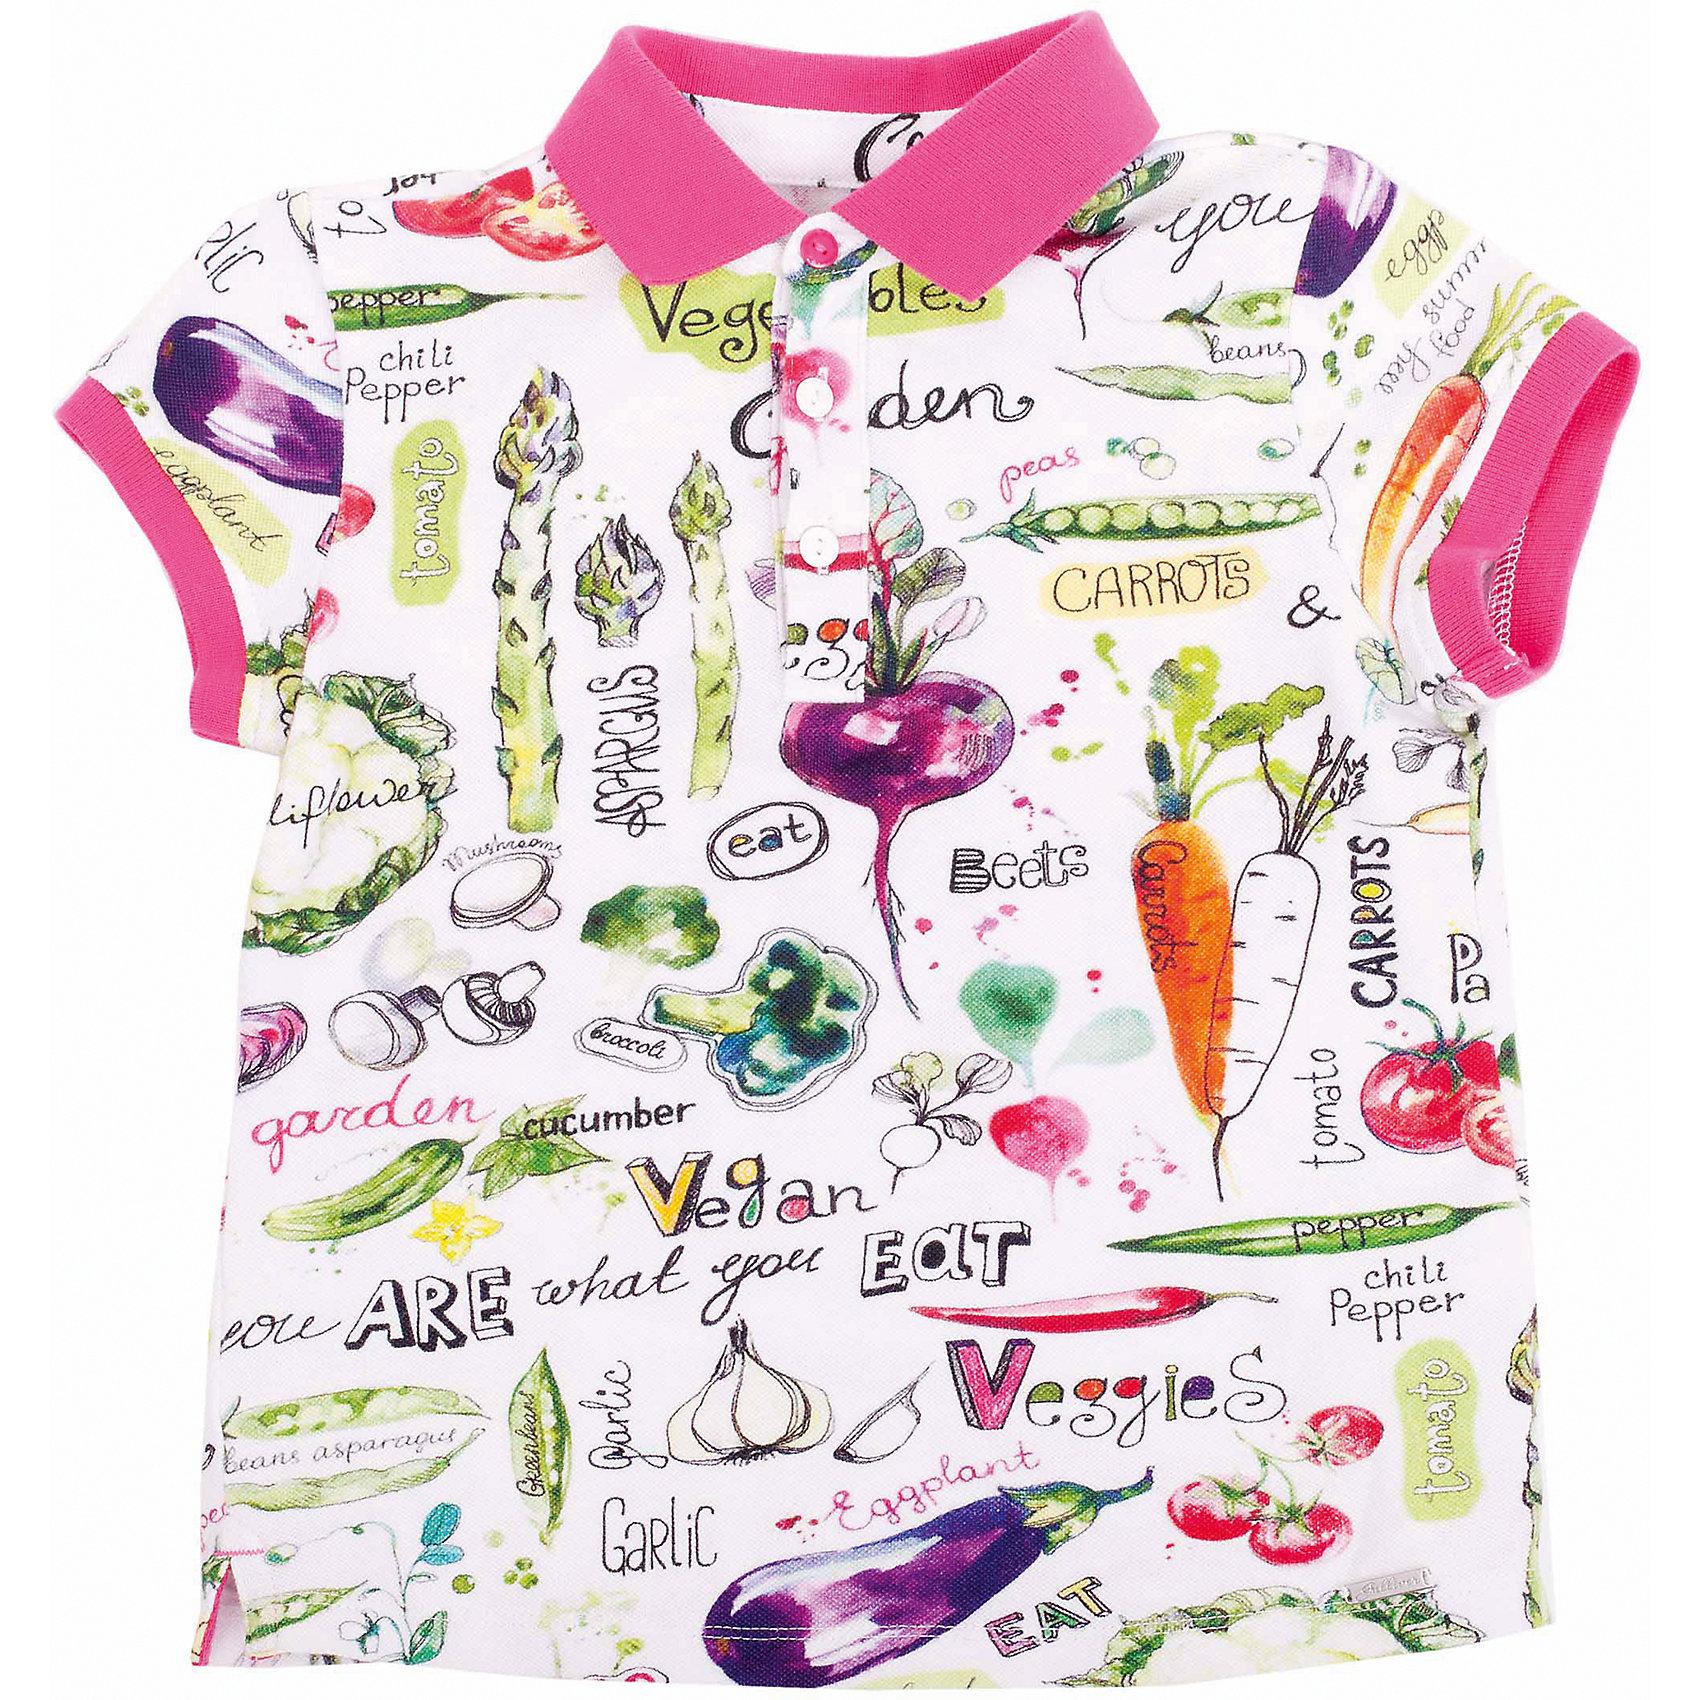 Футболка-поло для девочки GulliverСтильное поло с коротким рукавом – отличное решение для каждого дня лета! Поло для девочки выполнено из пике с модным оригинальным рисунком! Приобретая футболку поло, вы решаете несколько задач - покупаете качественную брендовую вещь, а также добавляете в летний гардероб ребенка яркие индивидуальные черты!<br>Состав:<br>95% хлопок      5% эластан<br><br>Ширина мм: 199<br>Глубина мм: 10<br>Высота мм: 161<br>Вес г: 151<br>Цвет: разноцветный<br>Возраст от месяцев: 48<br>Возраст до месяцев: 60<br>Пол: Женский<br>Возраст: Детский<br>Размер: 110,104,116,98,122<br>SKU: 4534497